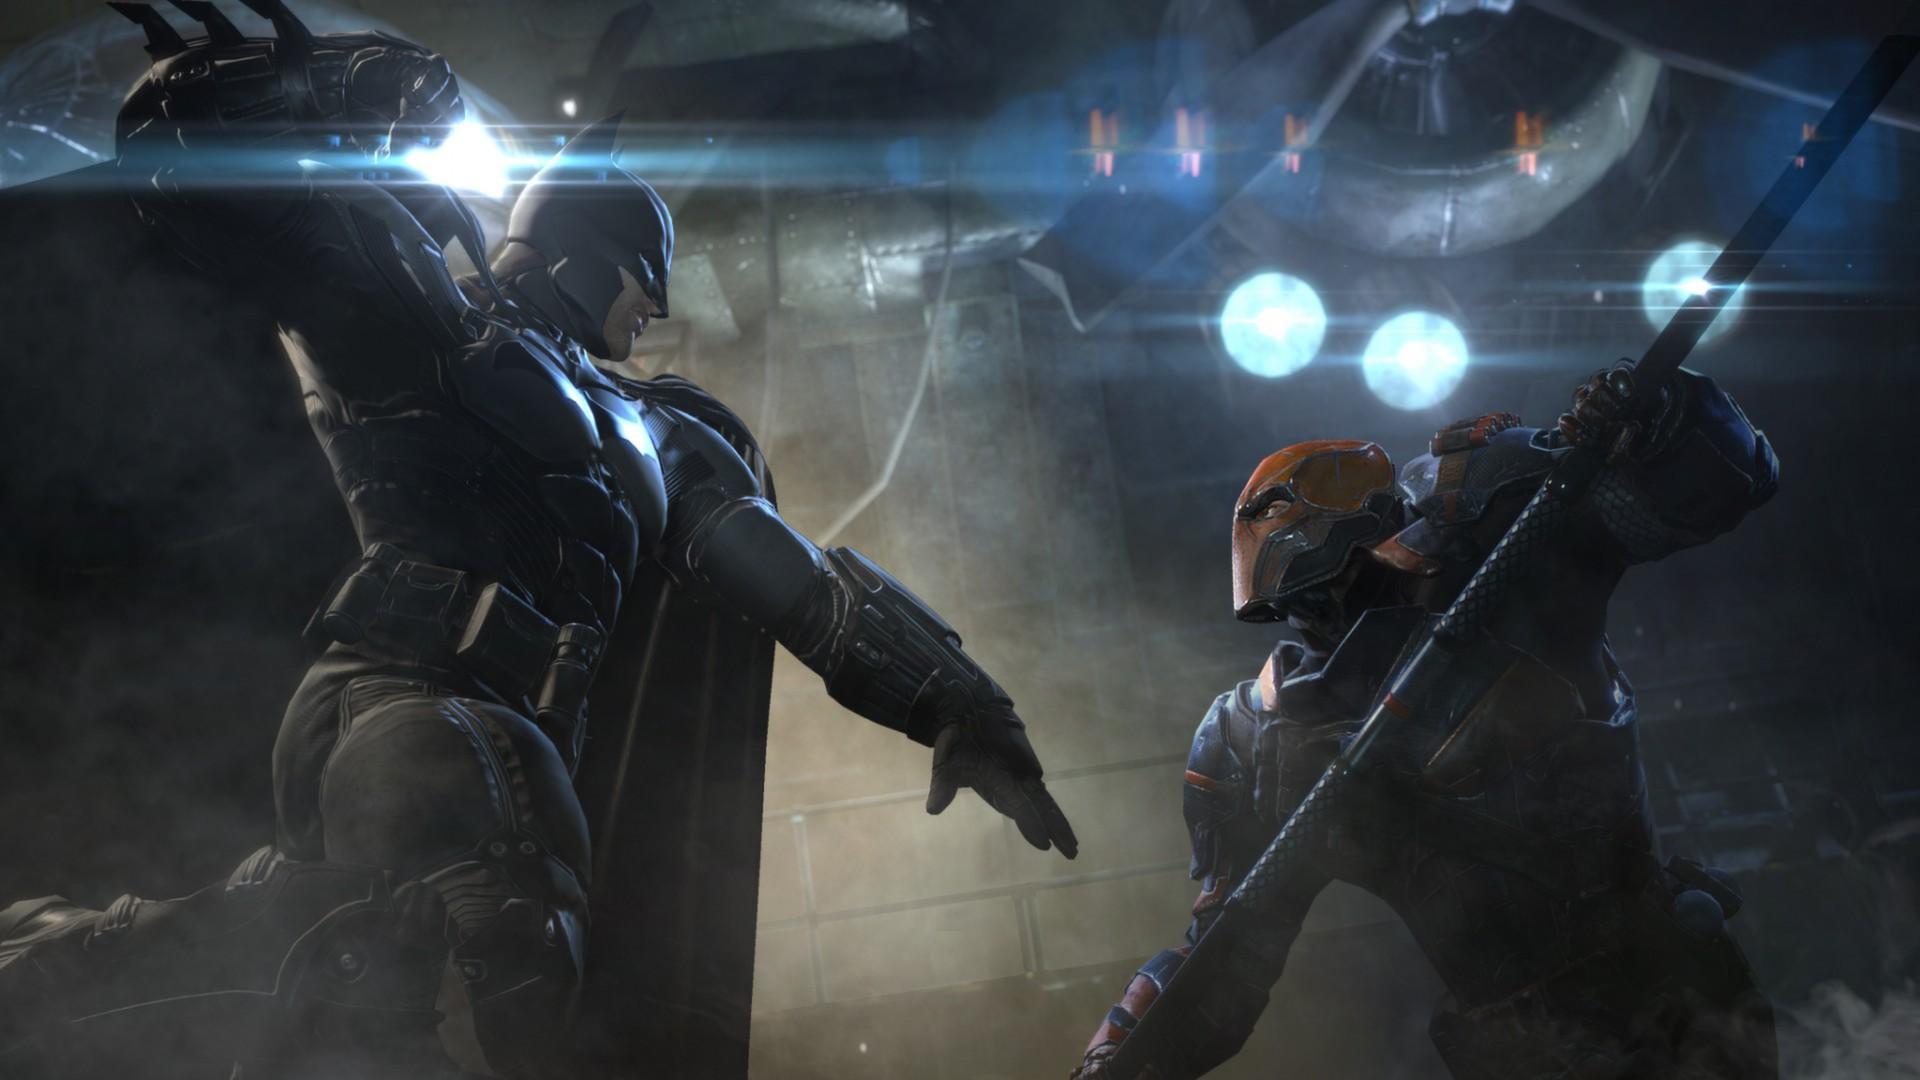 Gaming Deals: $5 Batman Games, $45 PS4 Camera, $300 Xbox One Bundle